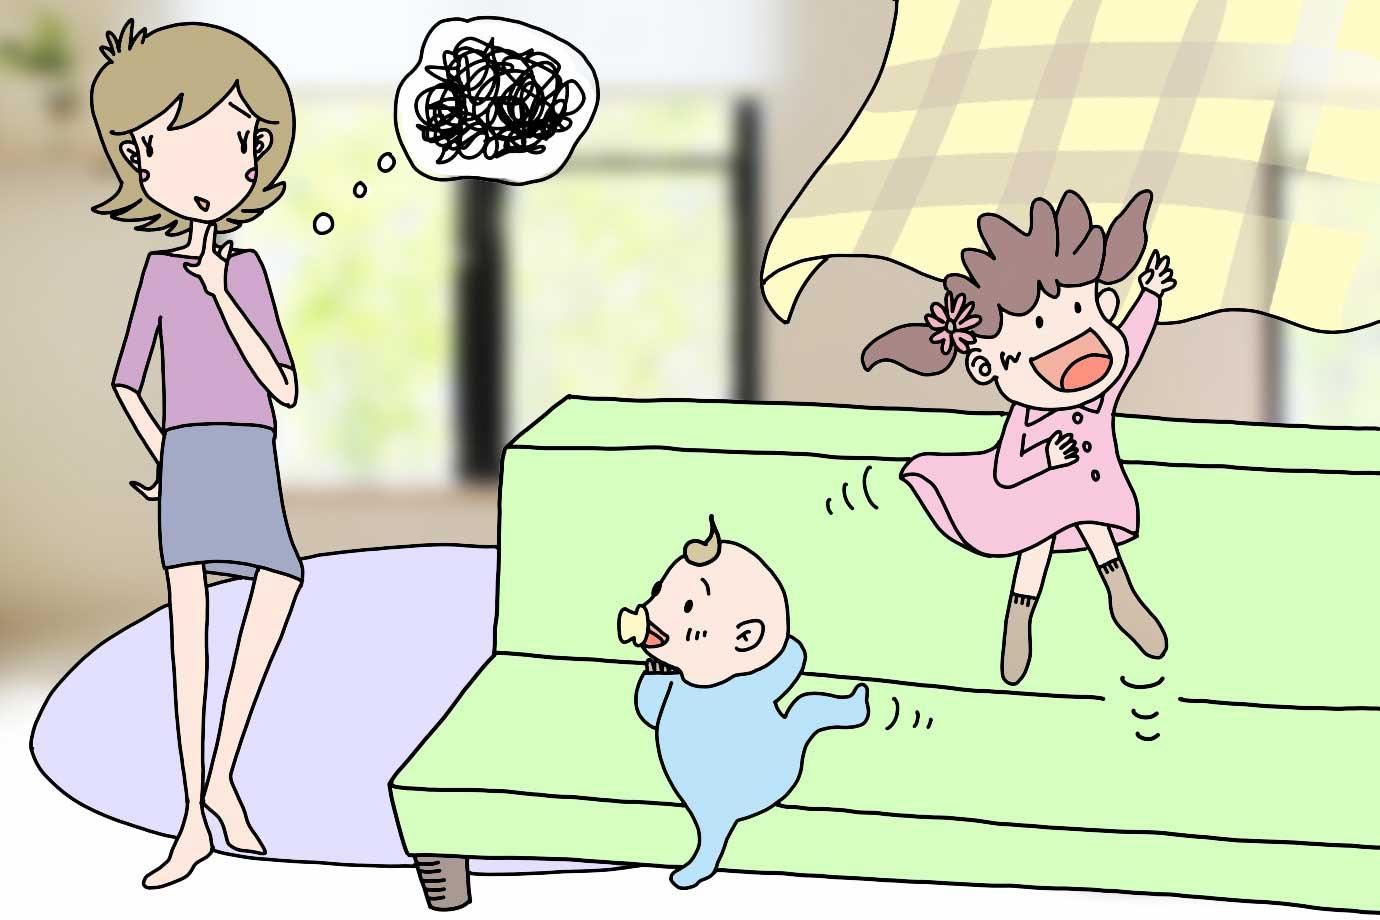 子どもの年齢と関係なく、叱るときは一貫して同じ態度をとるようにしましょう